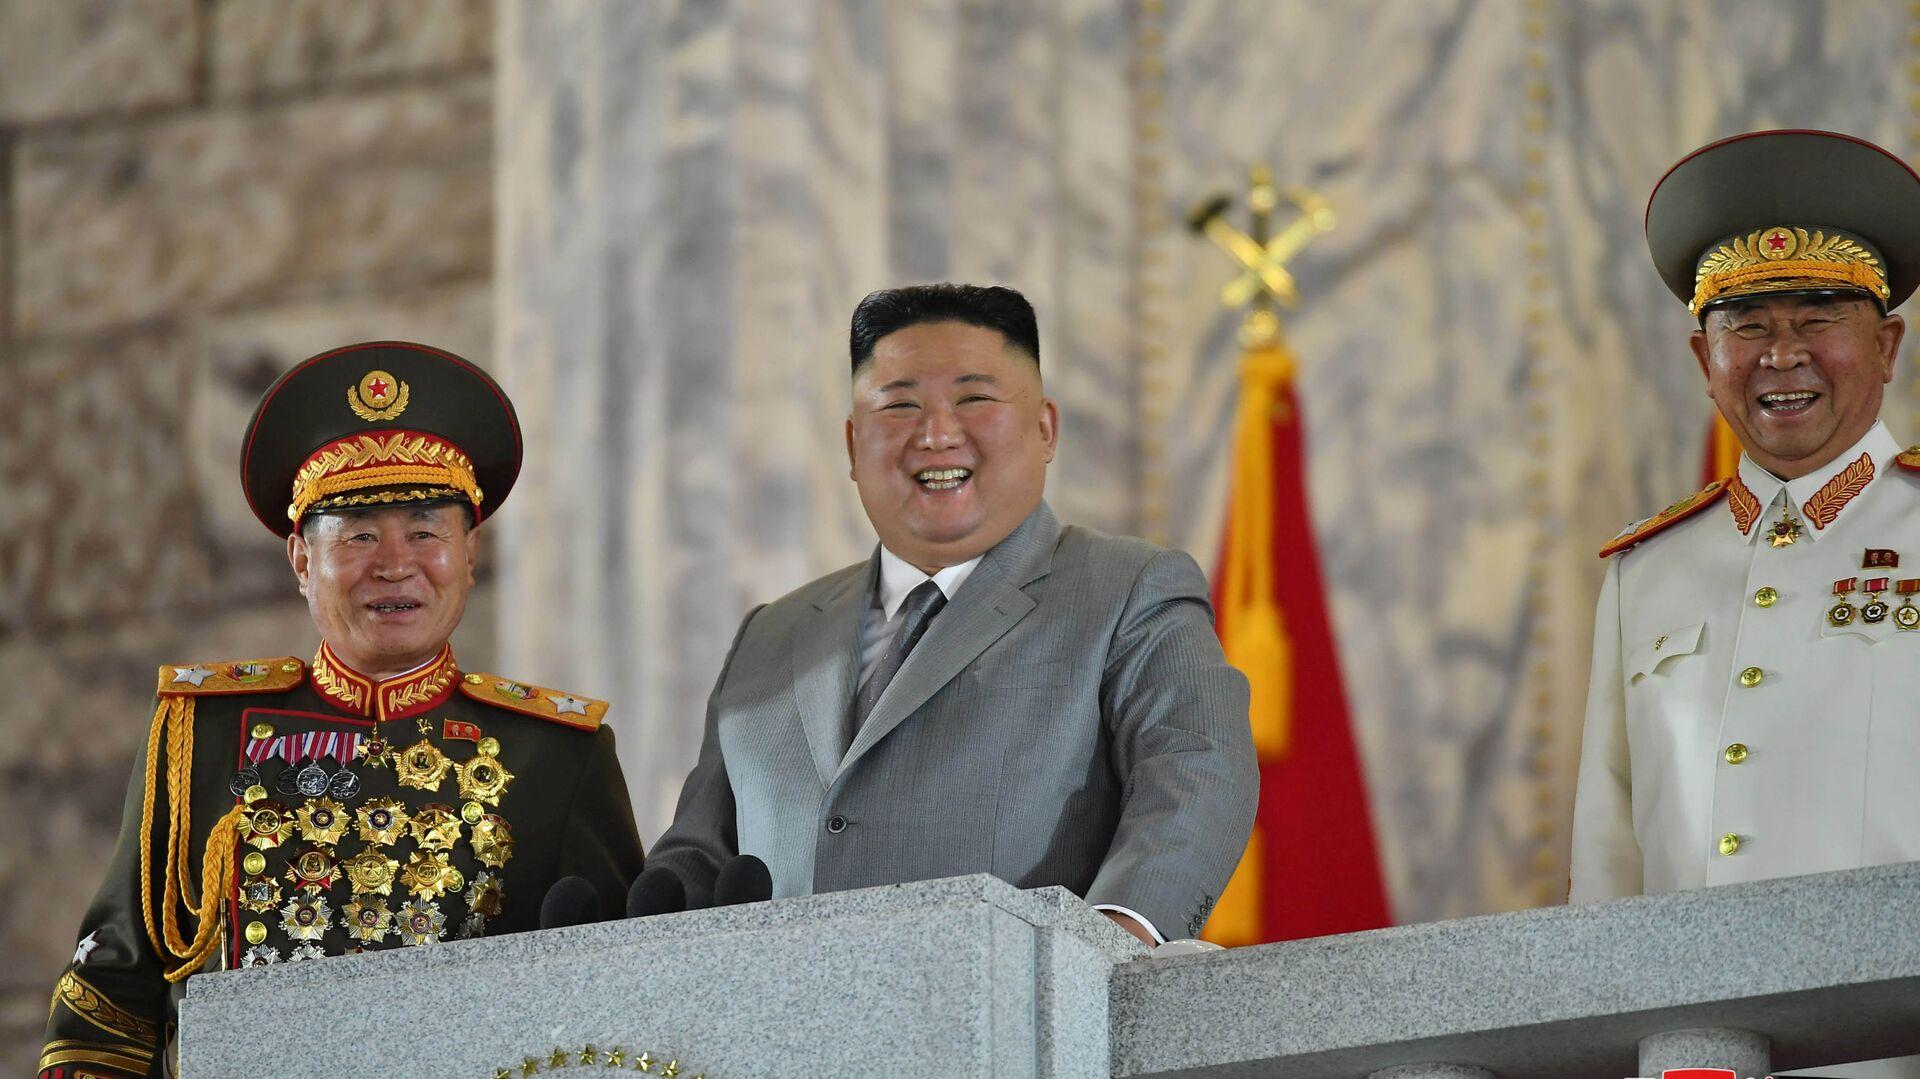 Лидер КНДР Ким Чен Ын на военном параде в честь 75-летия Трудовой партии Северной Кореи - Sputnik Italia, 1920, 02.07.2021